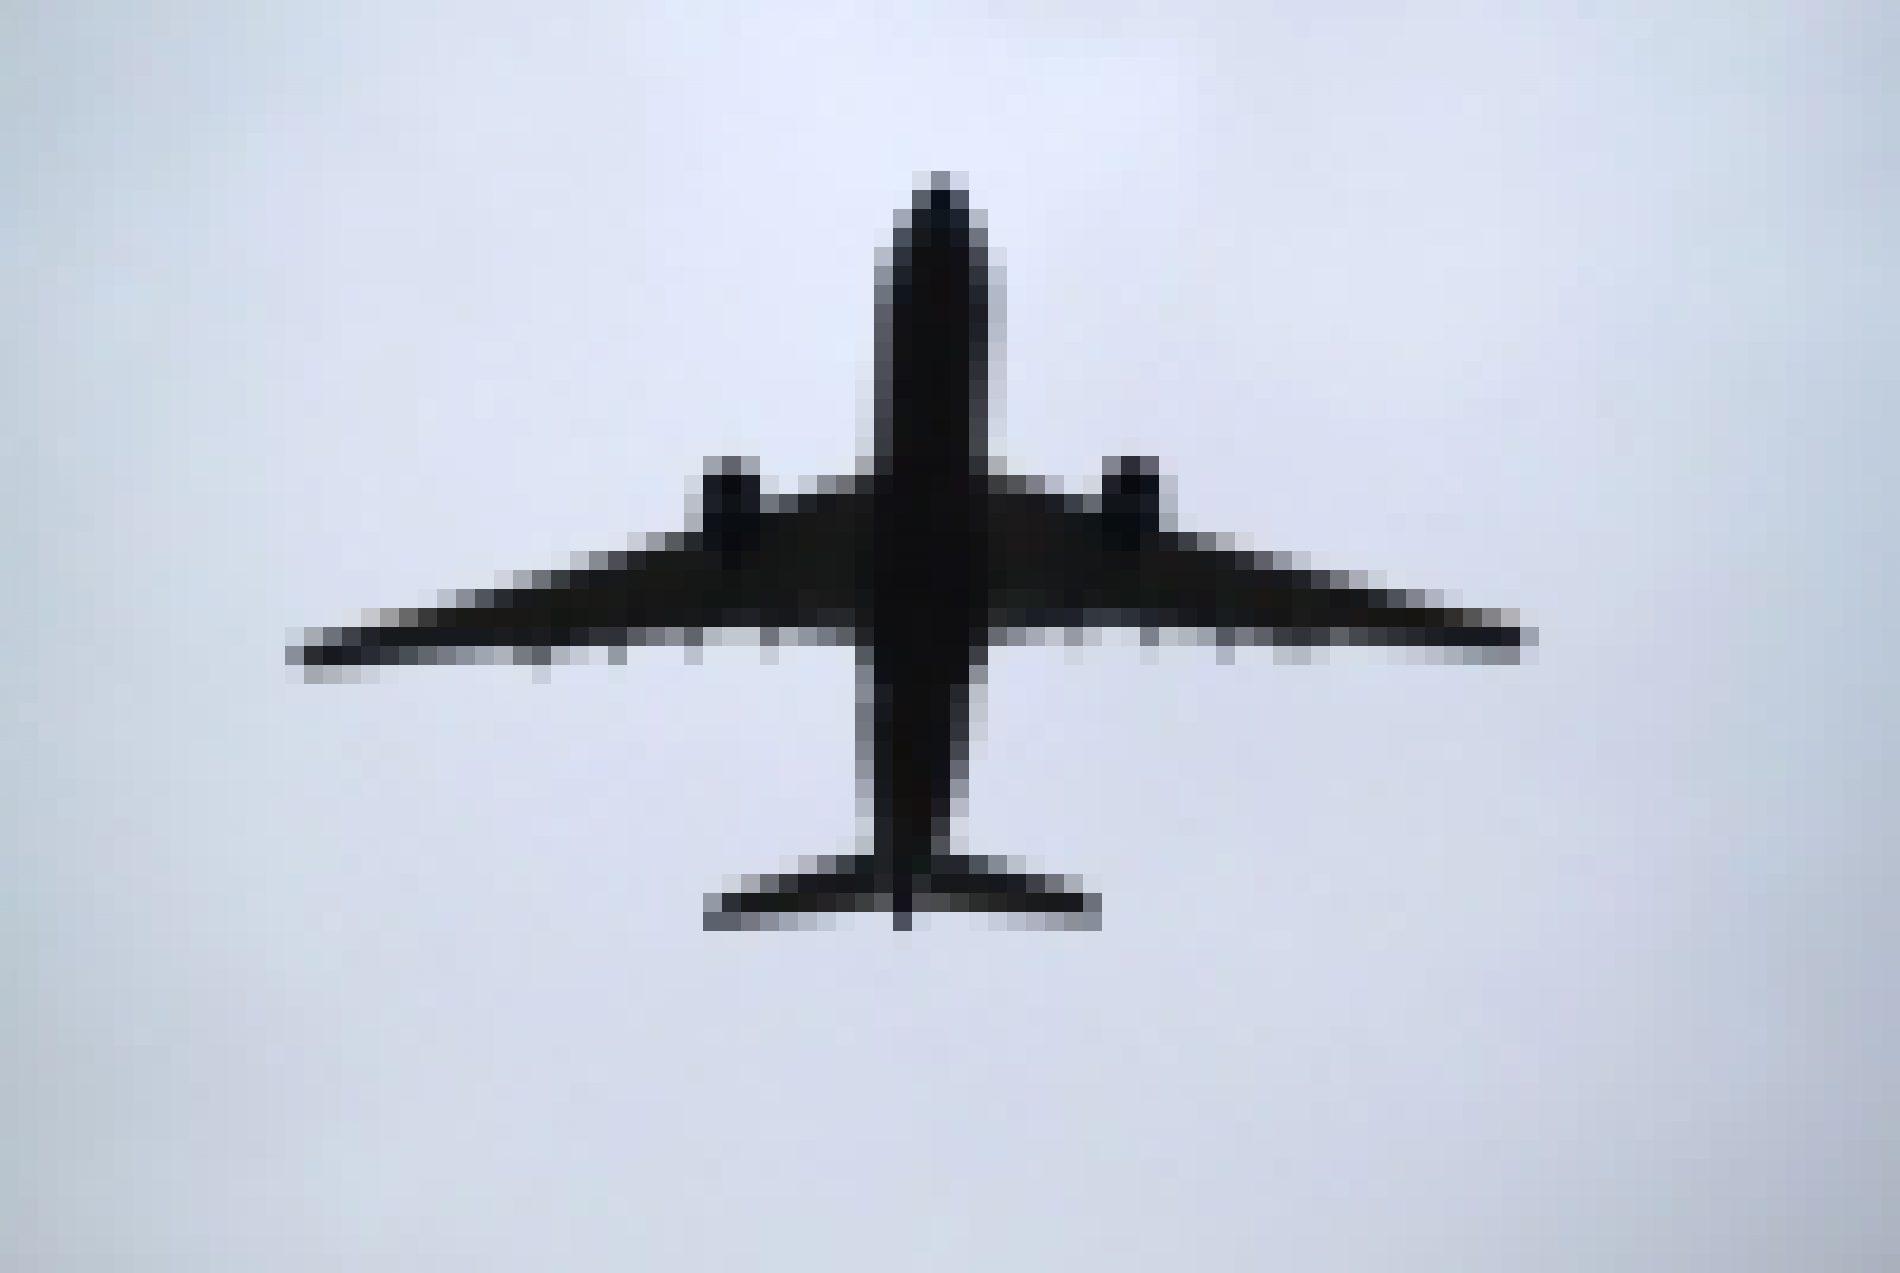 Trwa kompletowanie załogi do pracy na lotnisku regionalnym w Szymanach